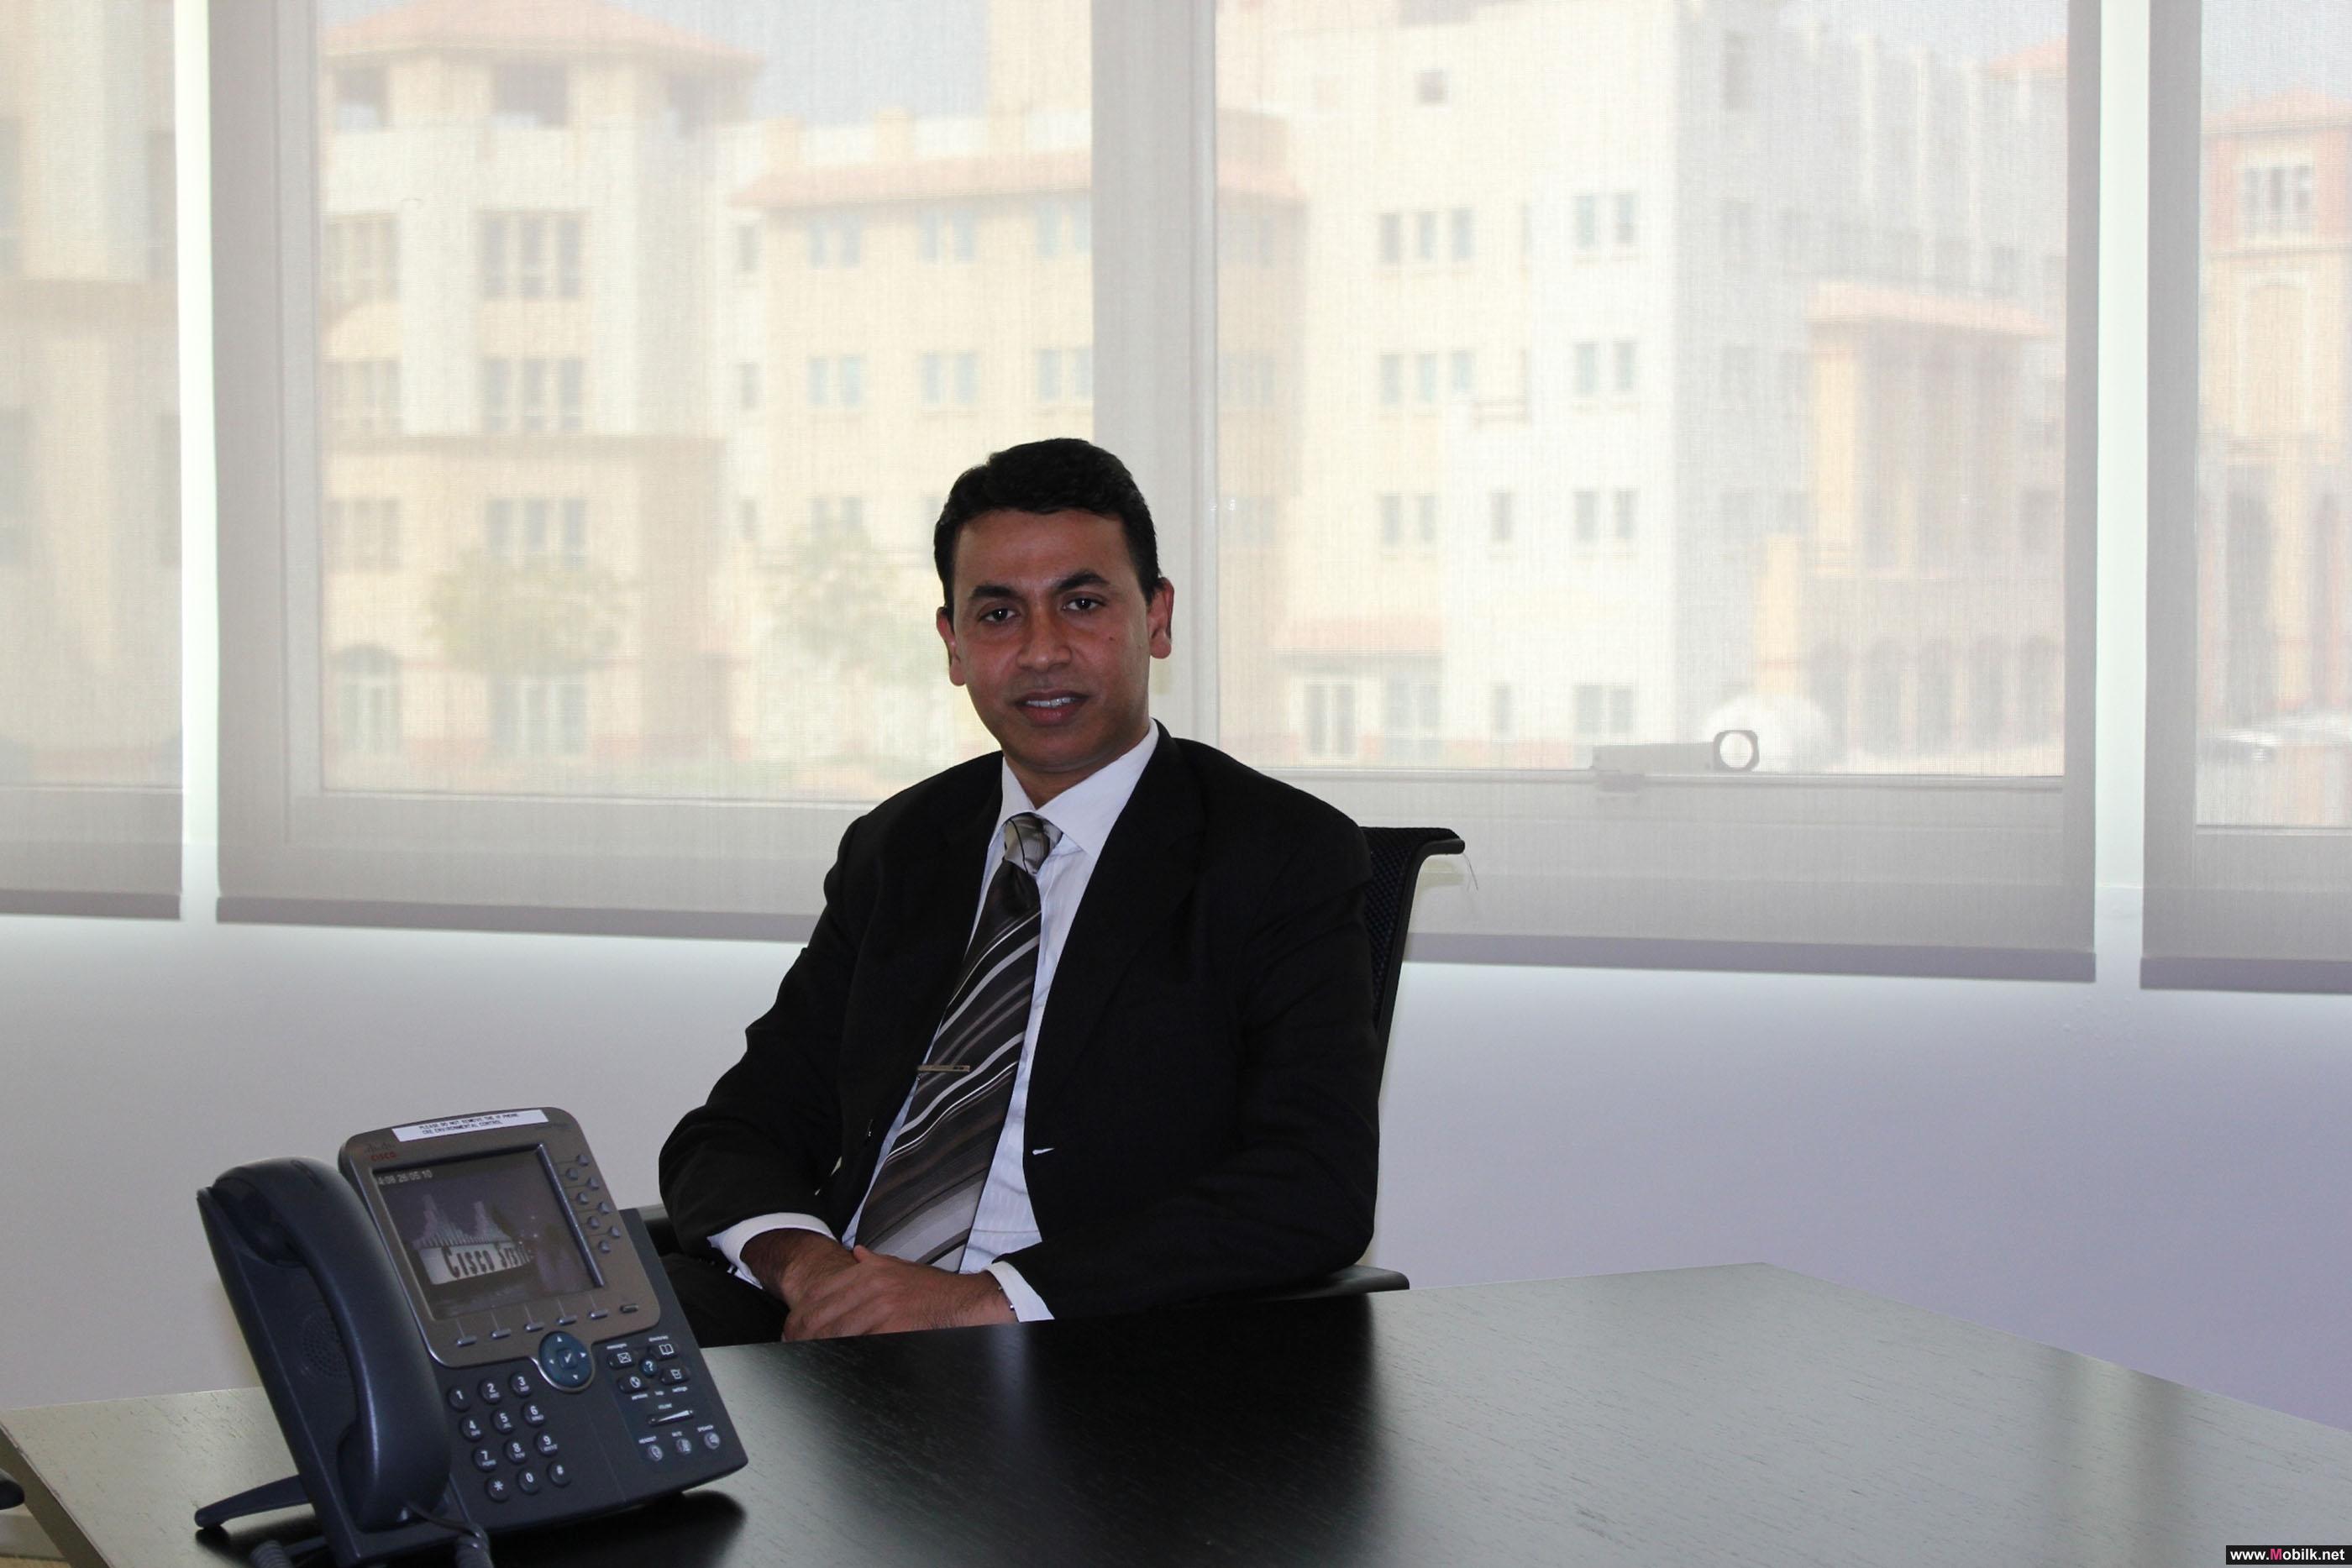 الشركات الصغيرة والمتوسطة المنخرطة بالأعمال الرقمية تساهم بشكل رئيسي في تحقيق الأهداف الاقتصادية لمنطقة الشرق الأوسط